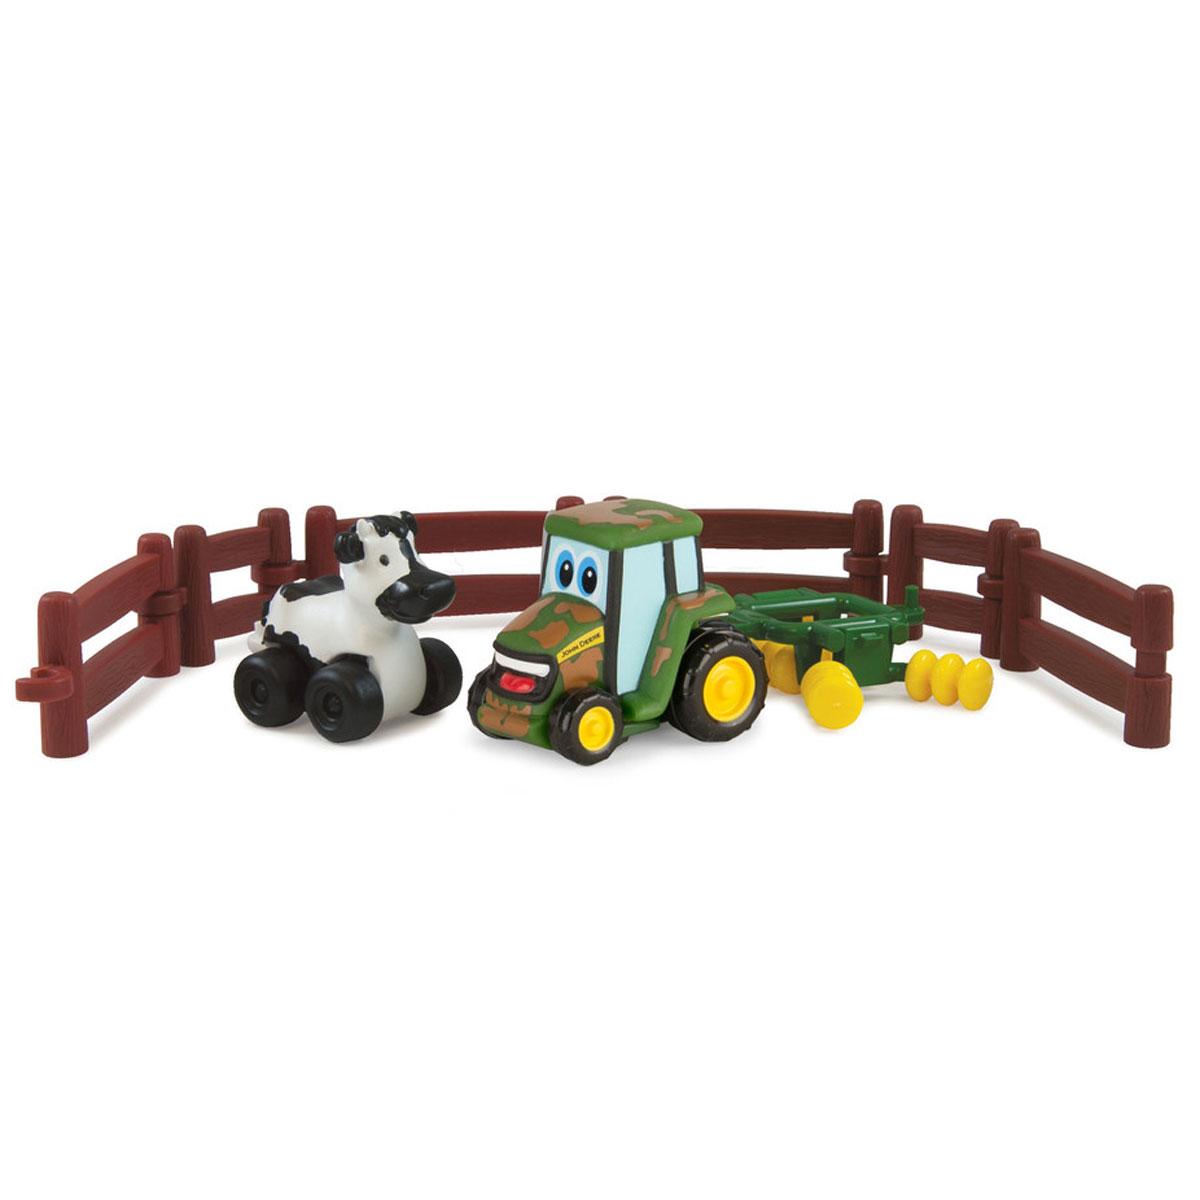 Tomy Игровой набор Приключения трактора Джонни и его друзей на ферме. Корова